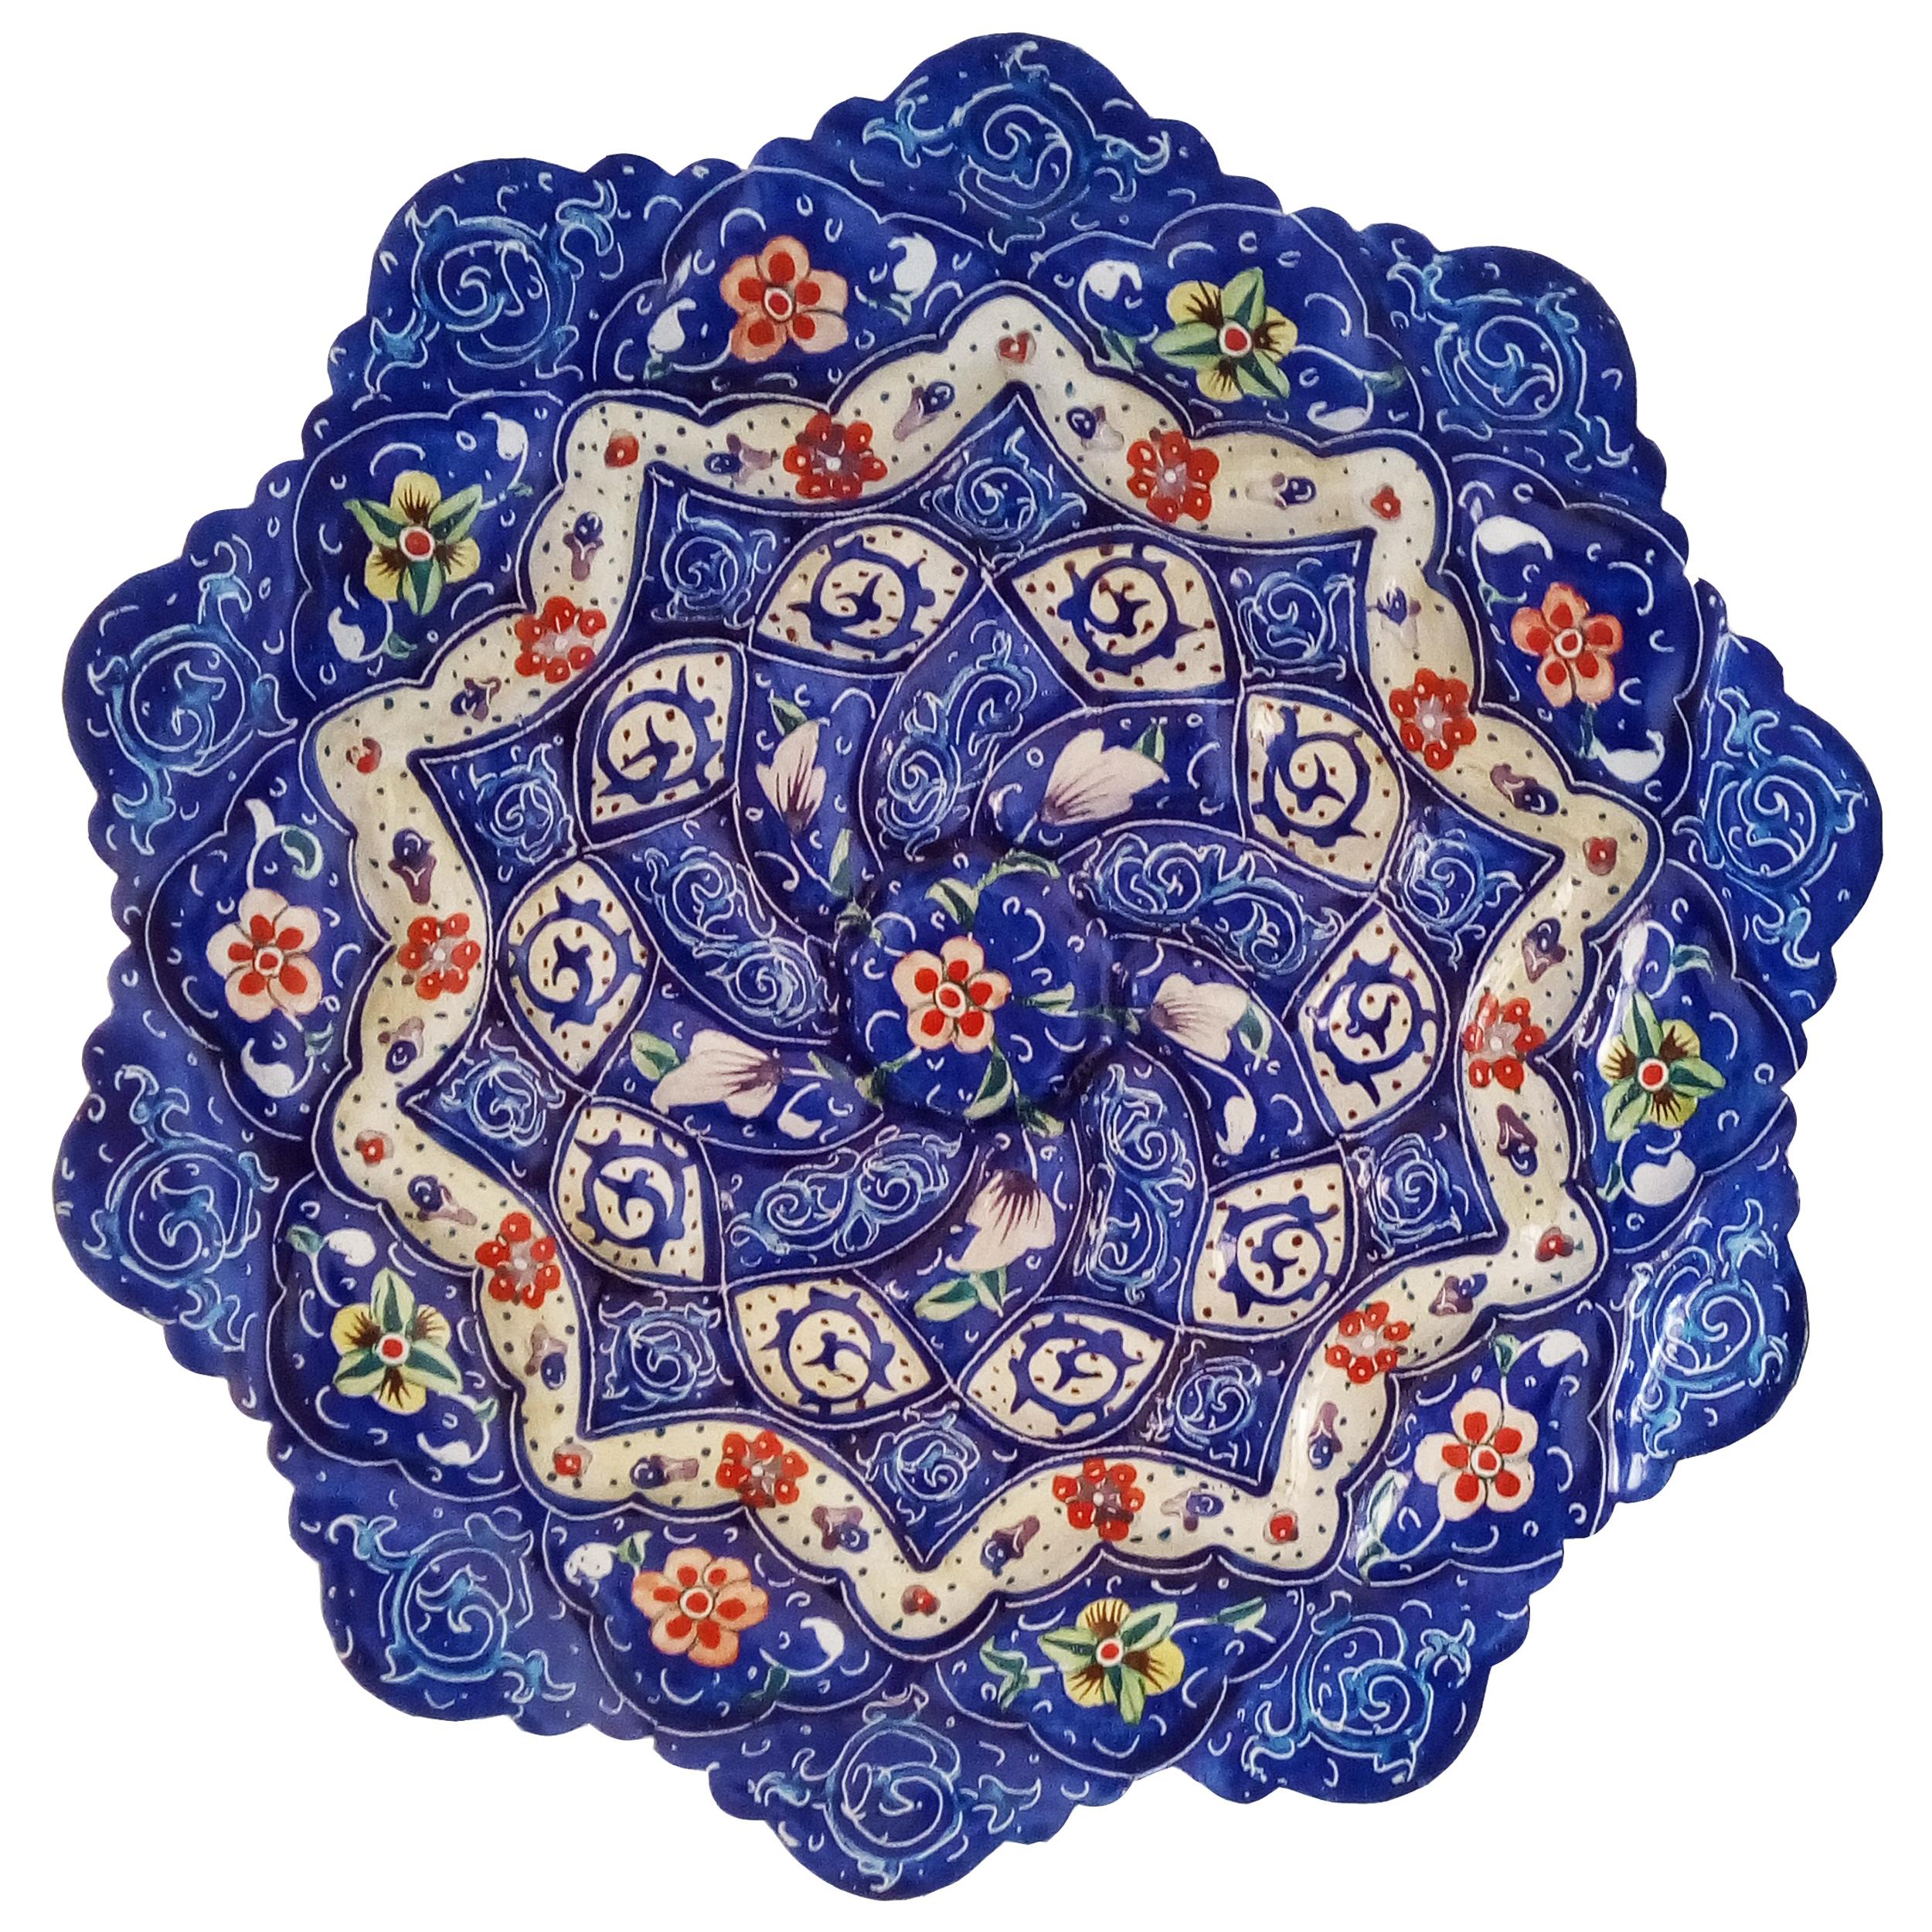 بشقاب میناکاری طرح نقاشی پرداز مدل دلکش کد 16